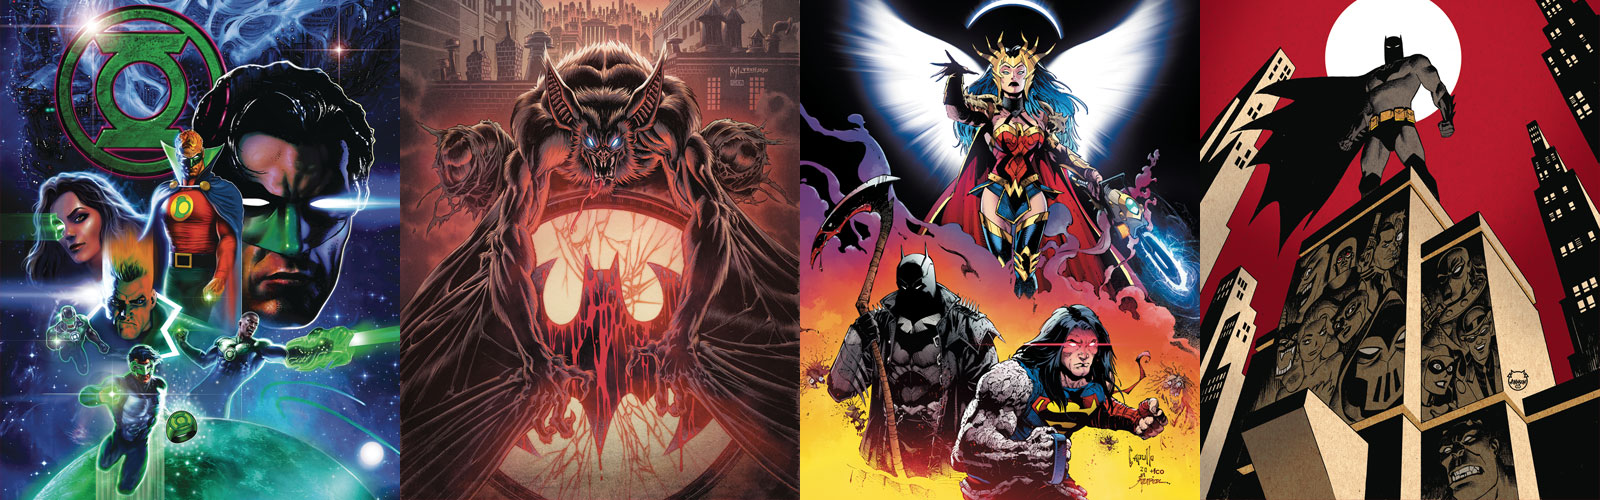 Solicitations: May 2020 – DC Comics